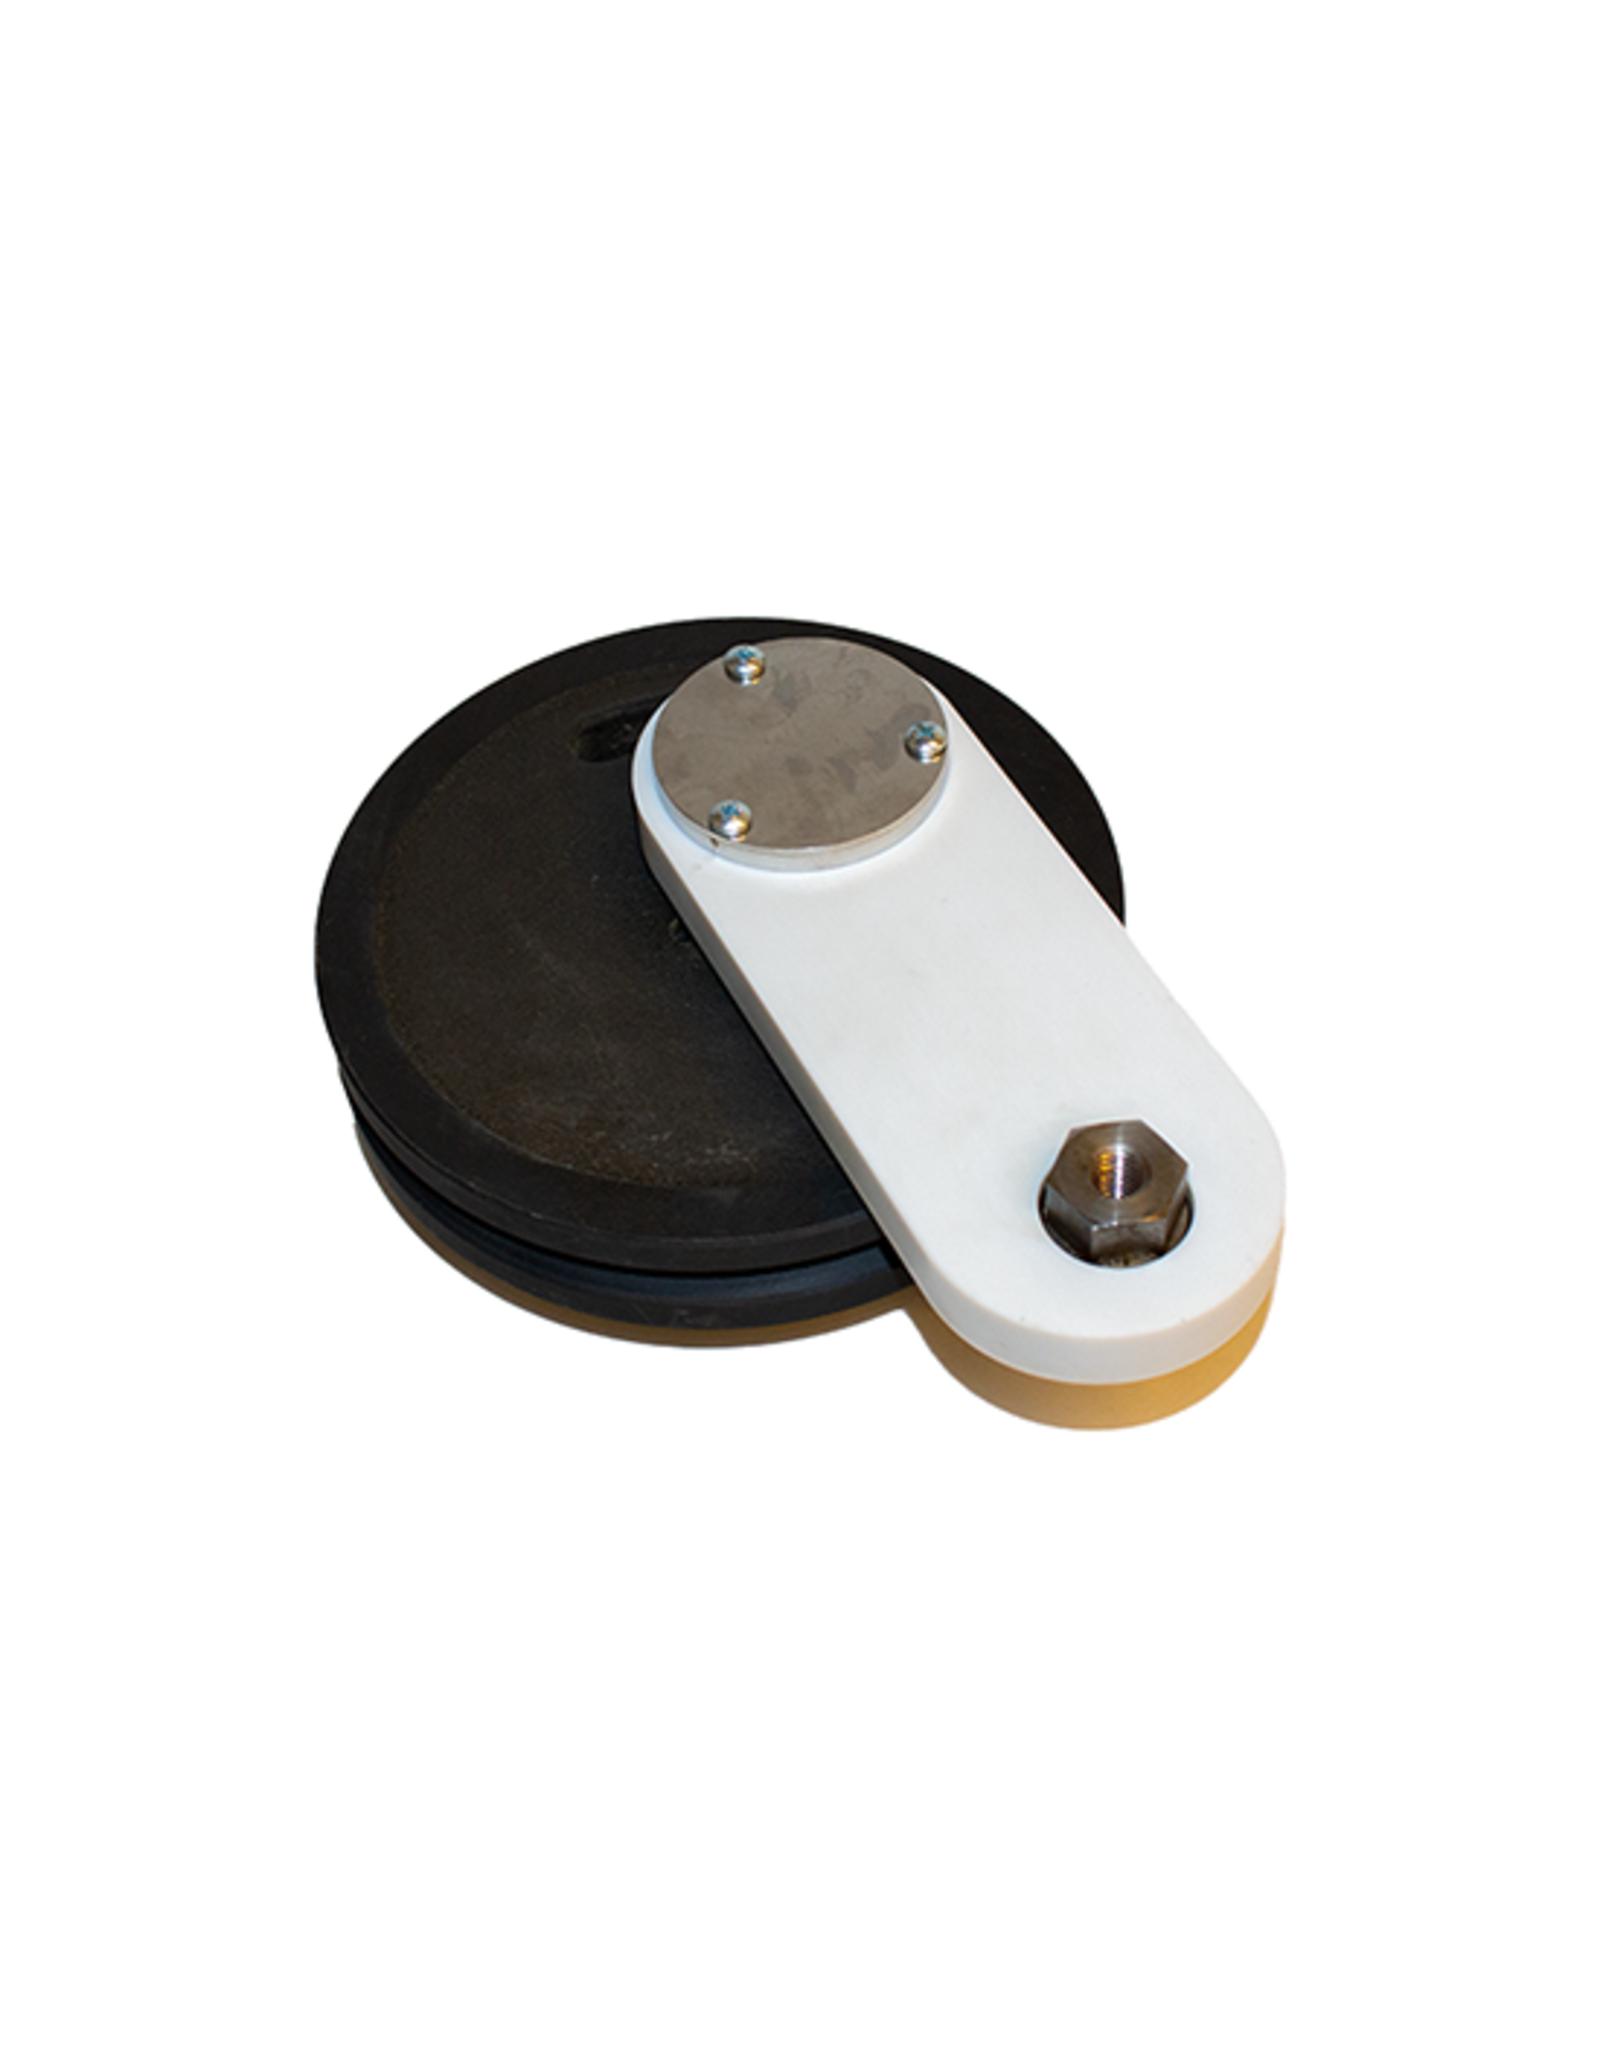 VLB Bread Slicers Volant moteur avec rod, roulements et accessoires